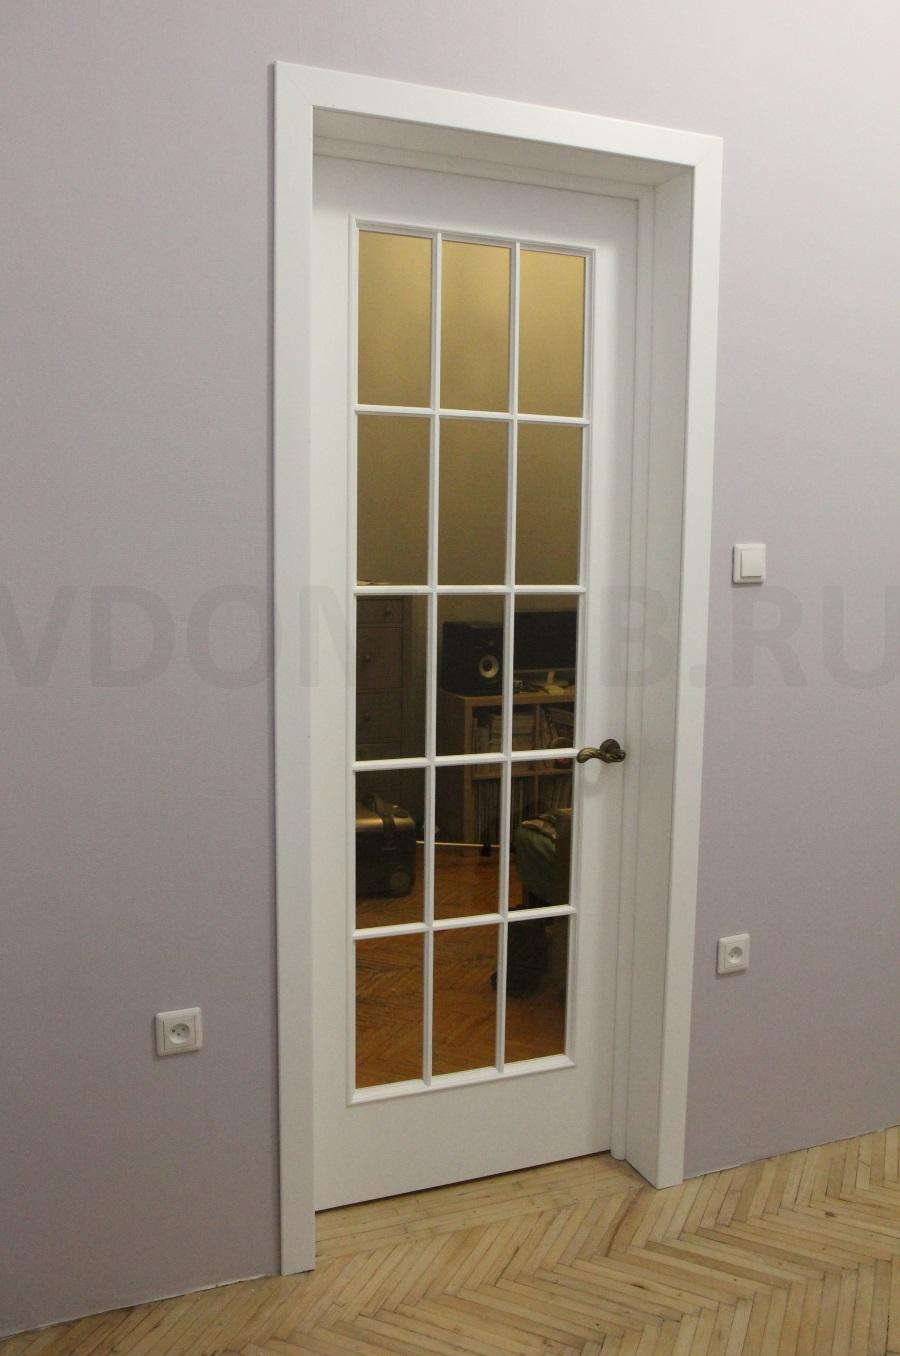 Белая крашенная дверь с английской решеткой и крашенные стены